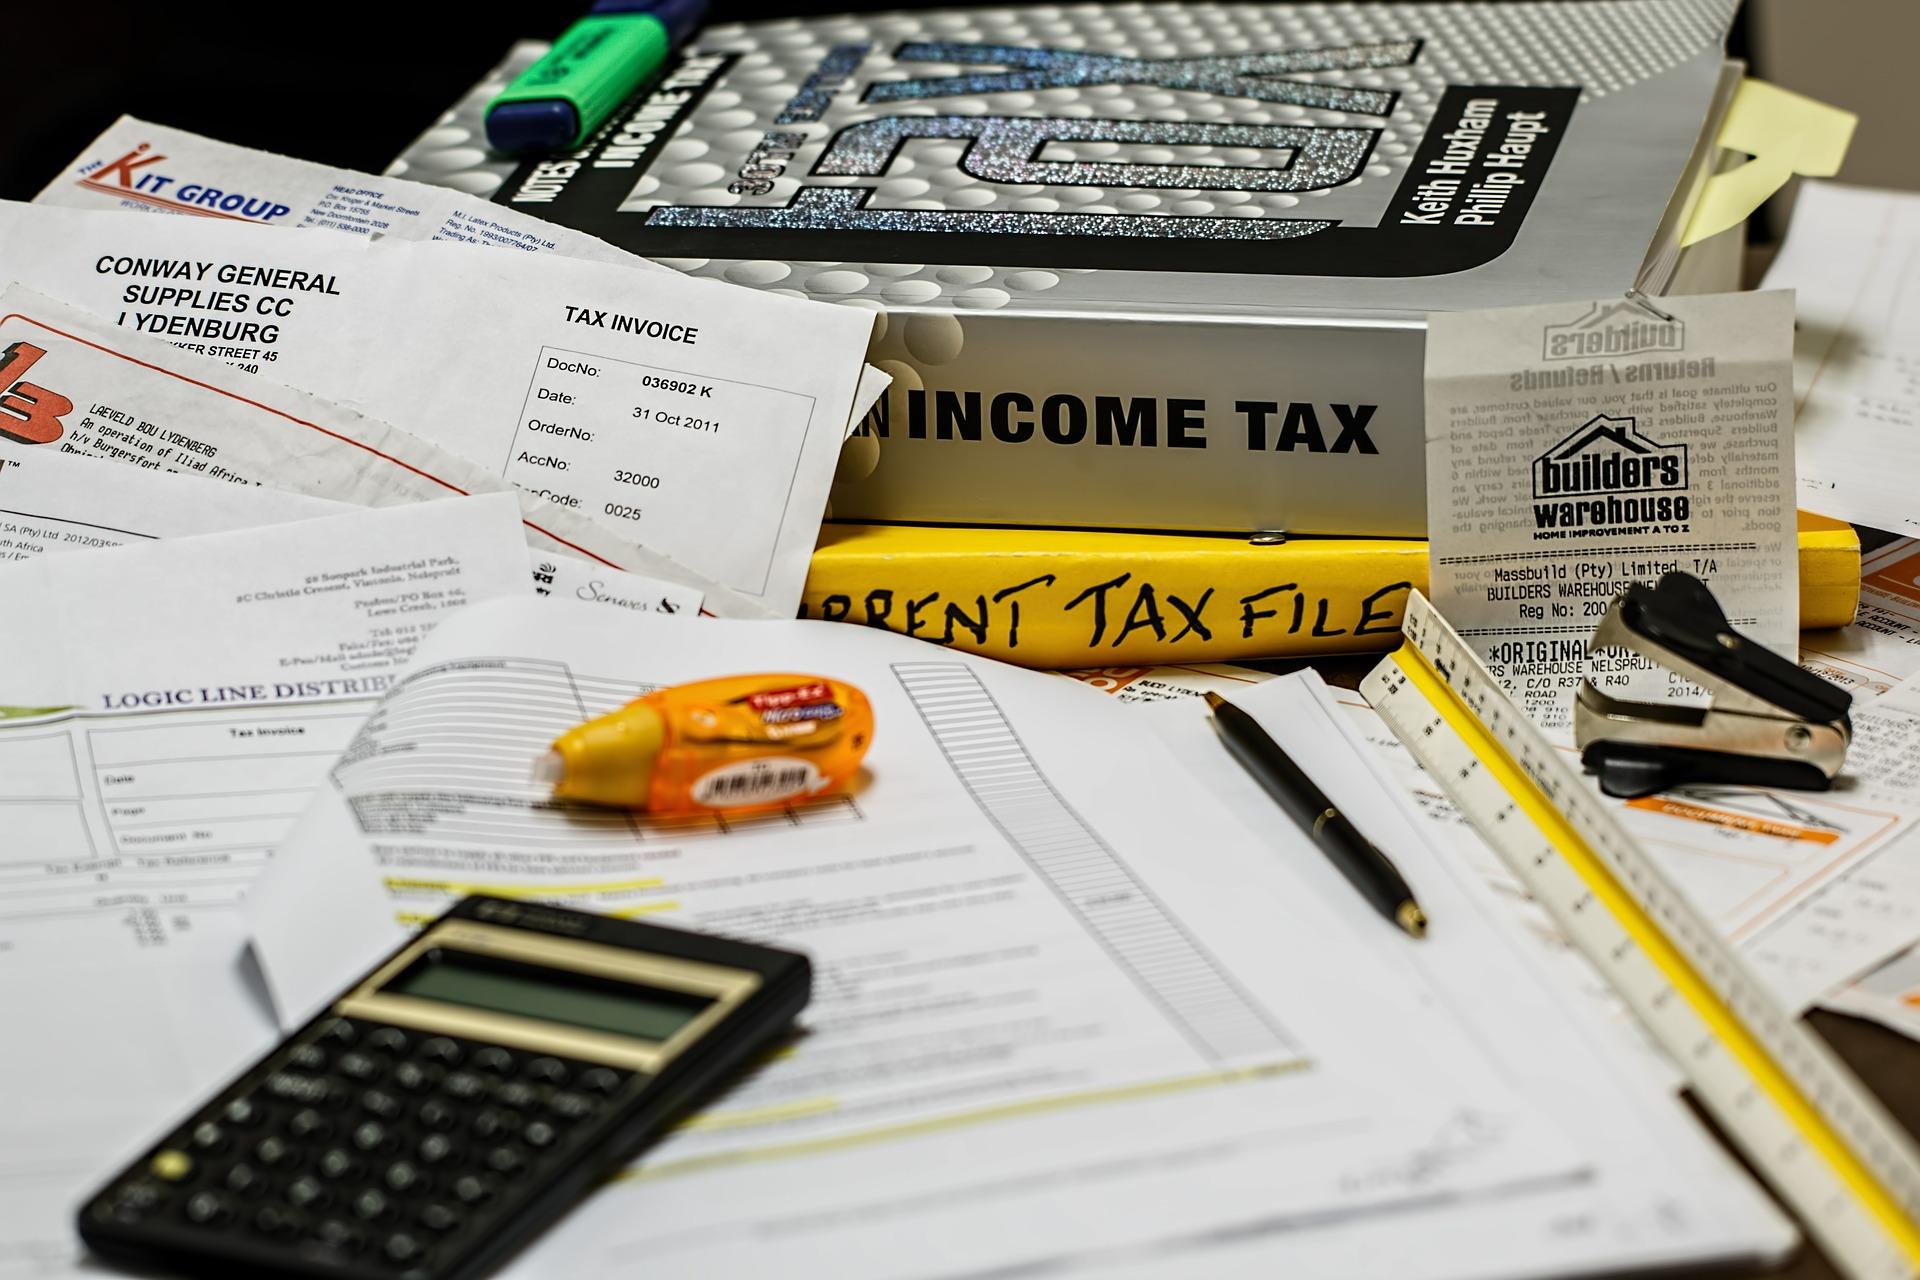 VITA Tax Assistance